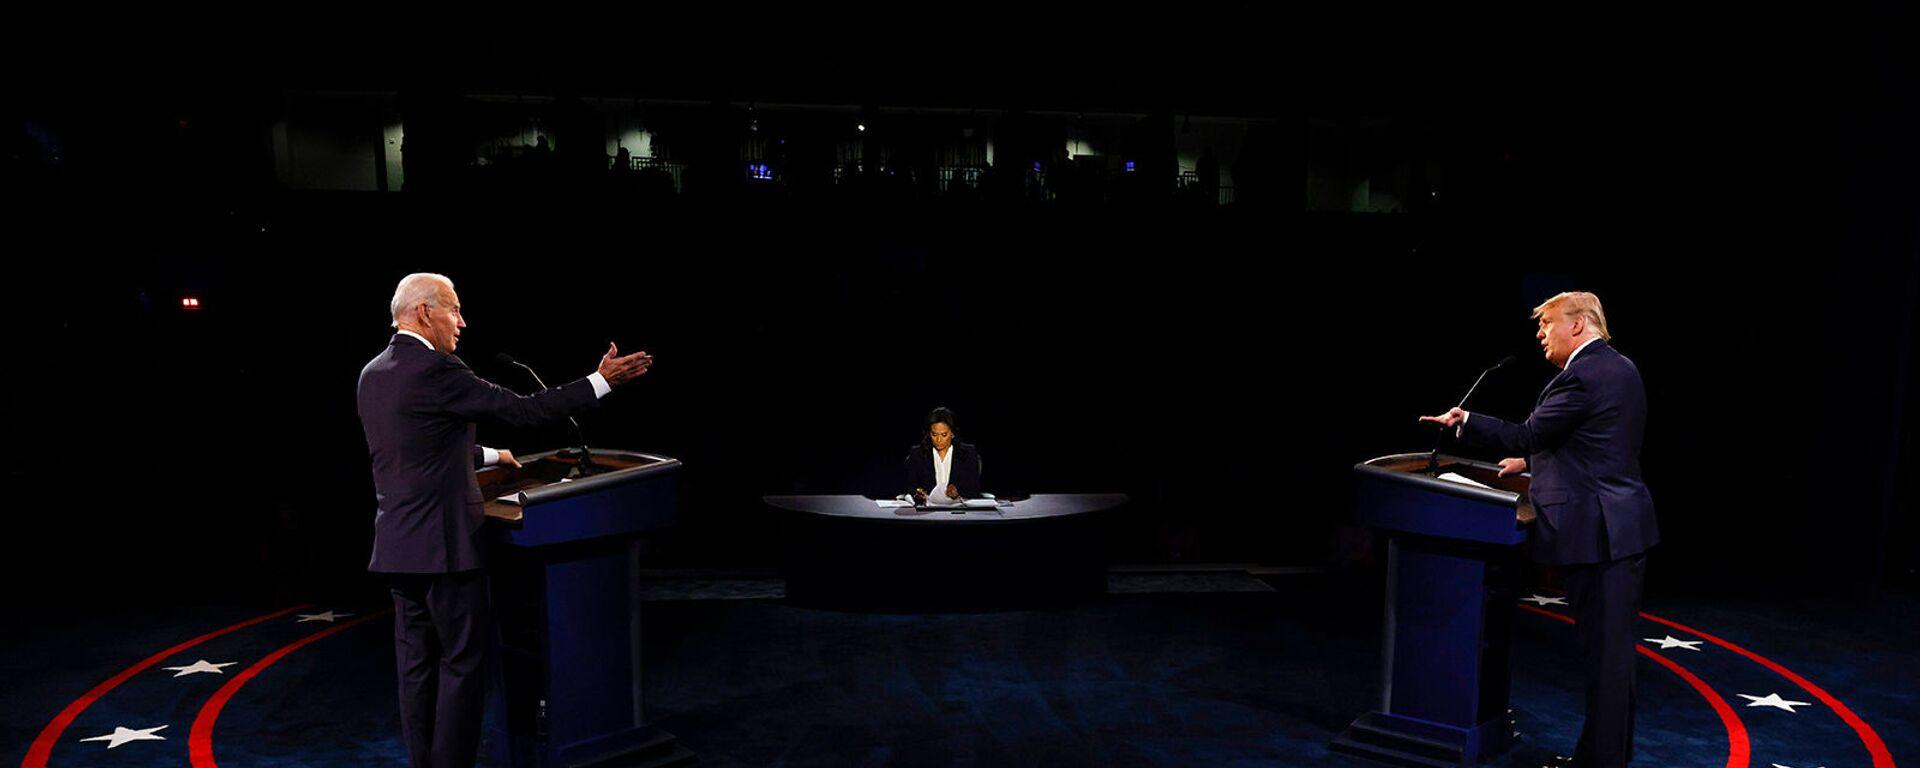 Кандидат в президенты США от Демократической партии Джо Байден и президент США Дональд Трамп принимают участие во второй президентской кампании 2020 года в дебатах в Университете Белмонт (22 октября 2020). Нэшвилль - Sputnik Армения, 1920, 14.09.2021